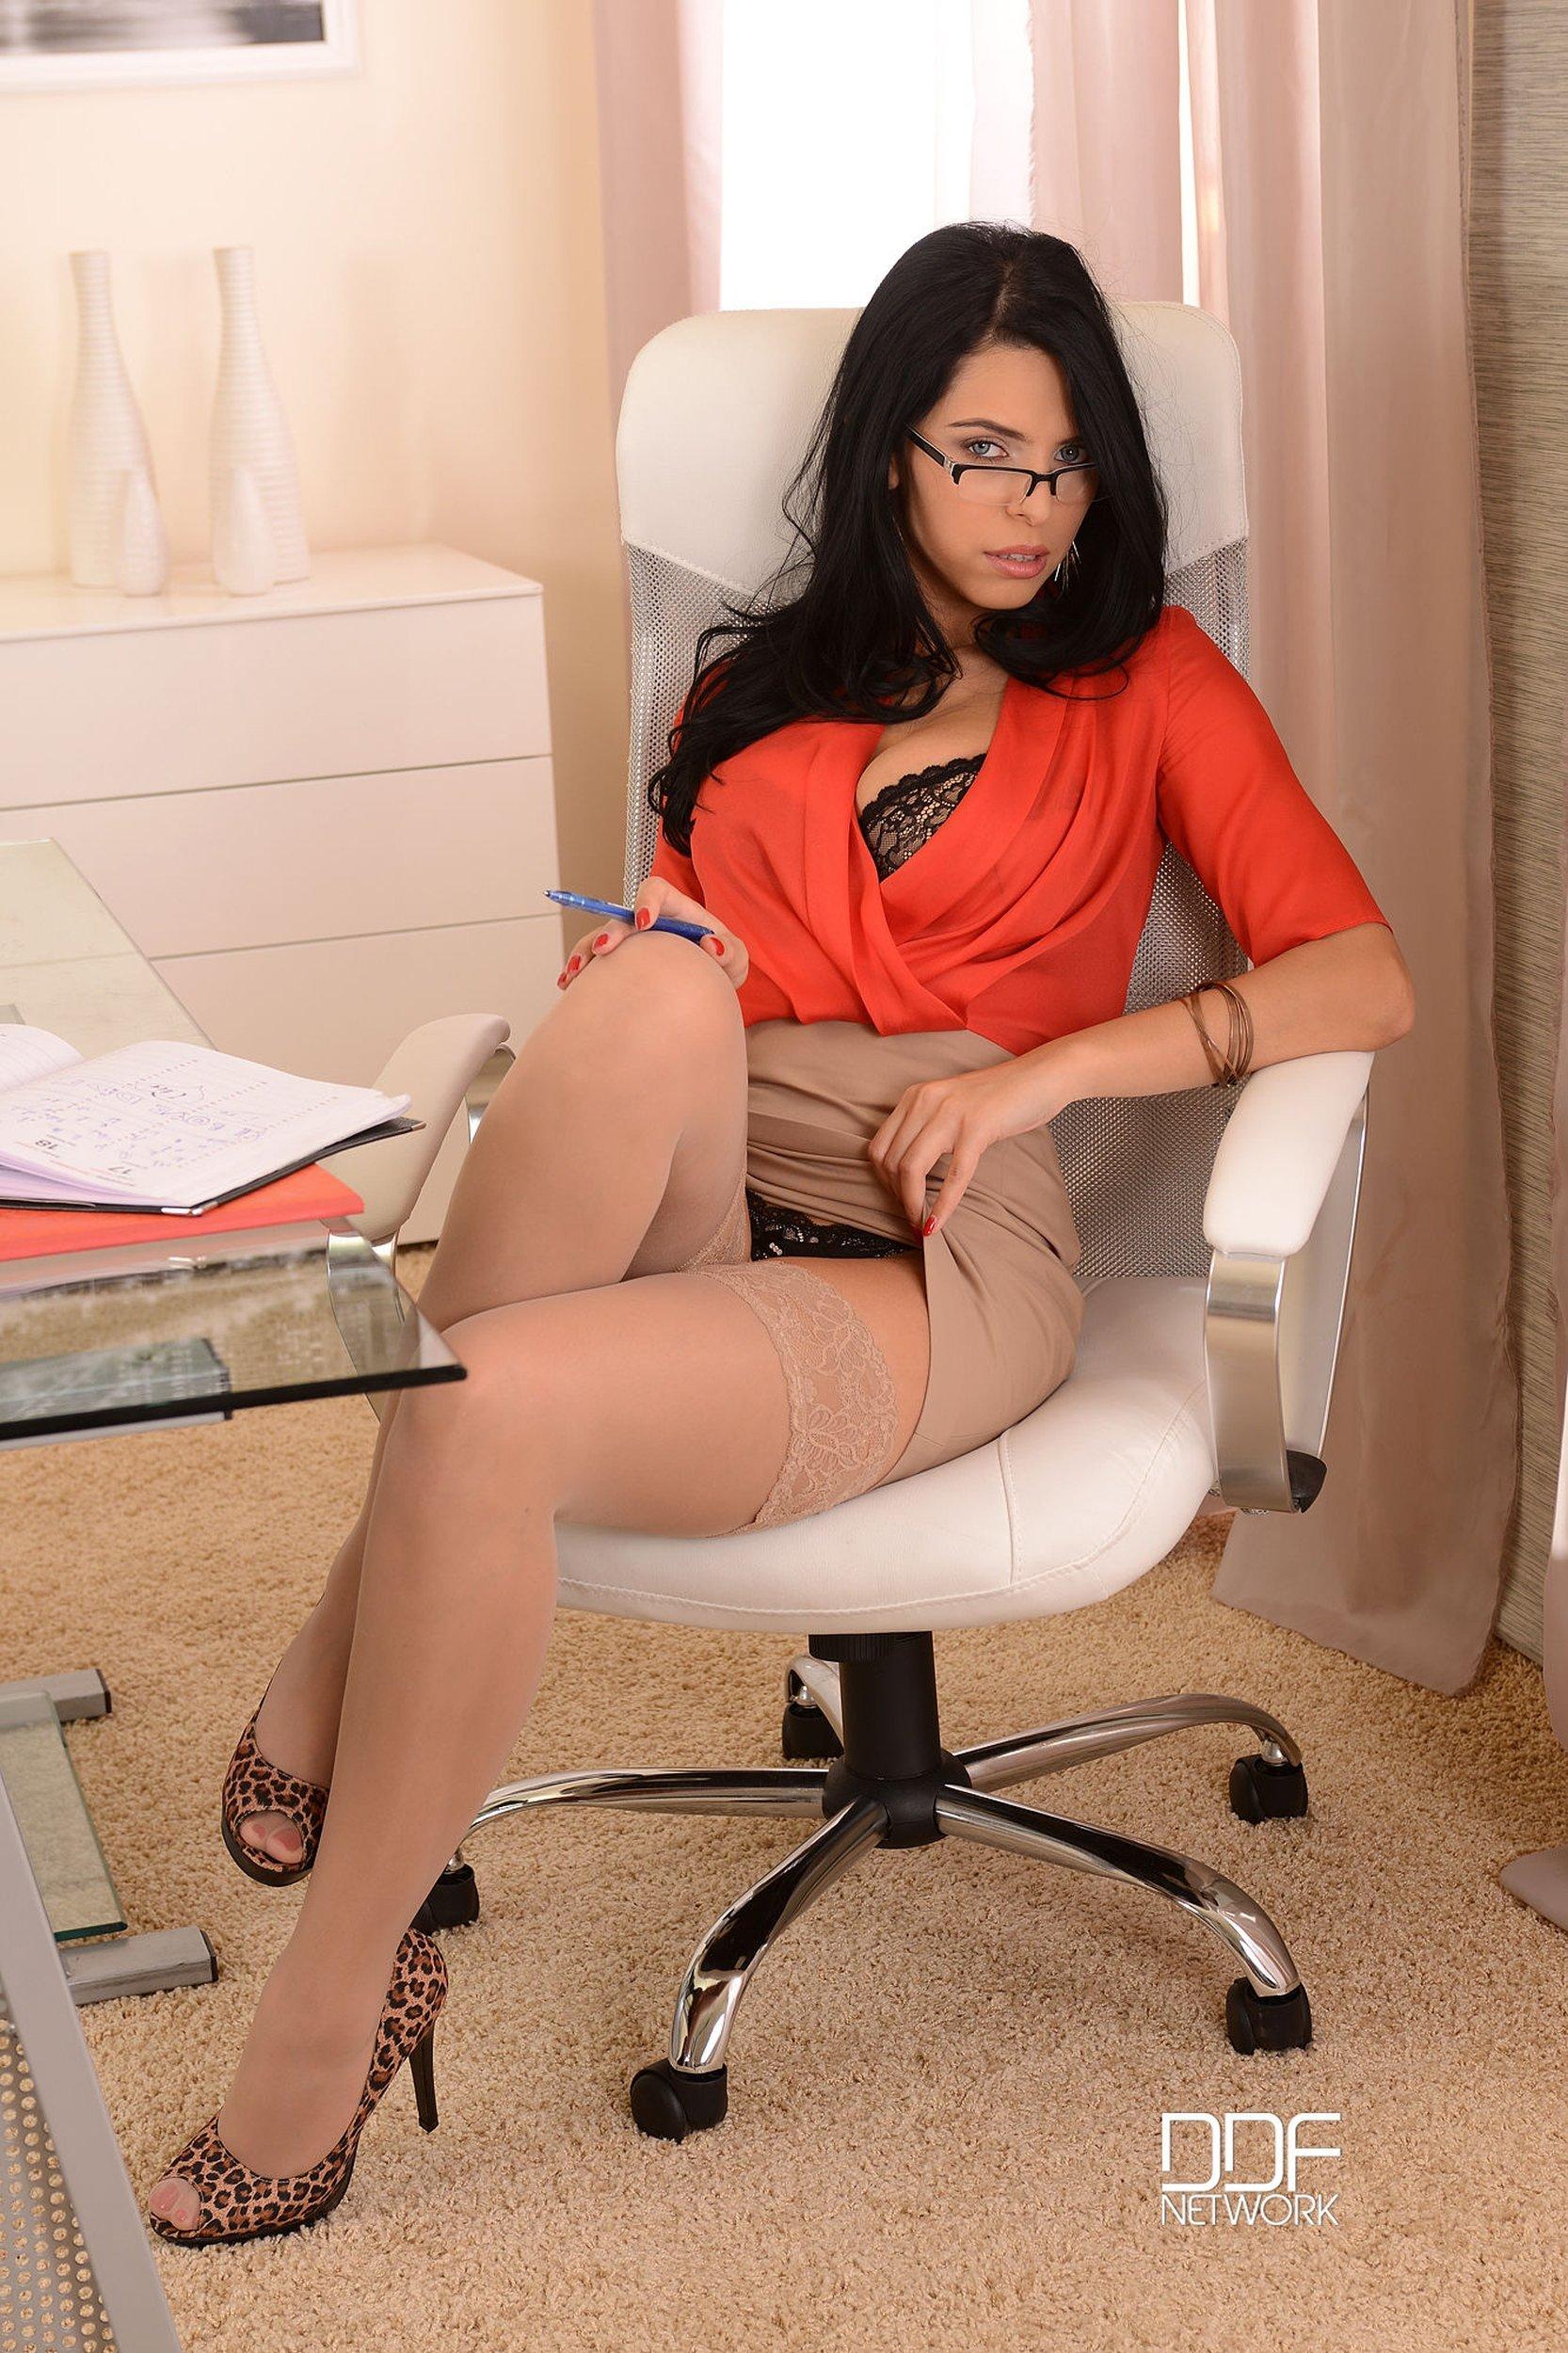 Похотливая секретарша в чулках и нижнем белье